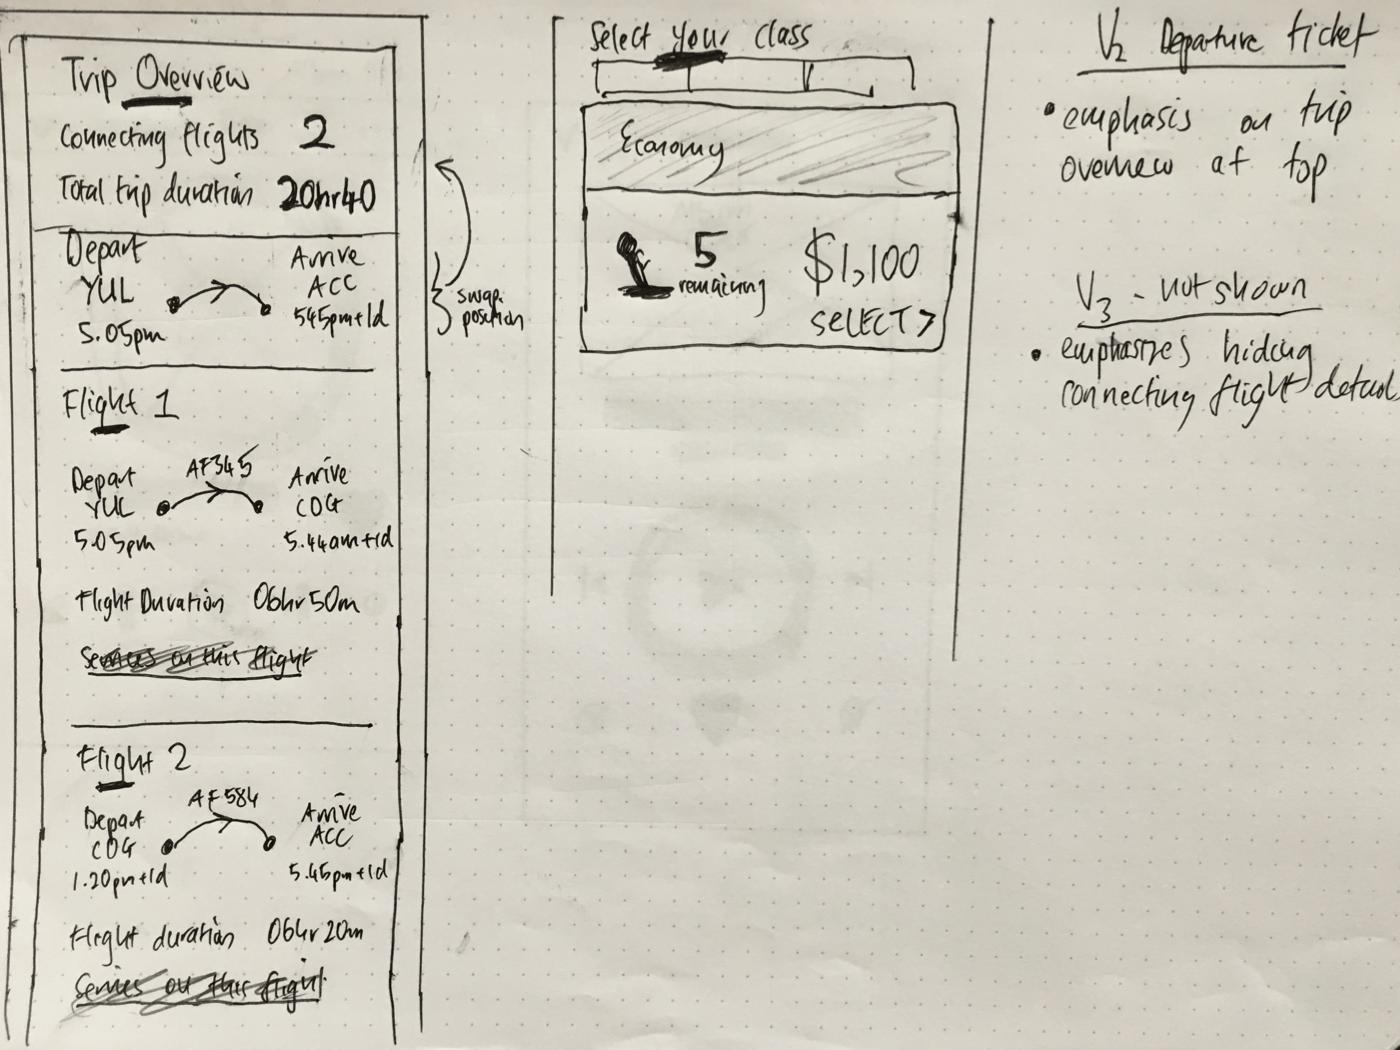 Trip Details V2 Sketch